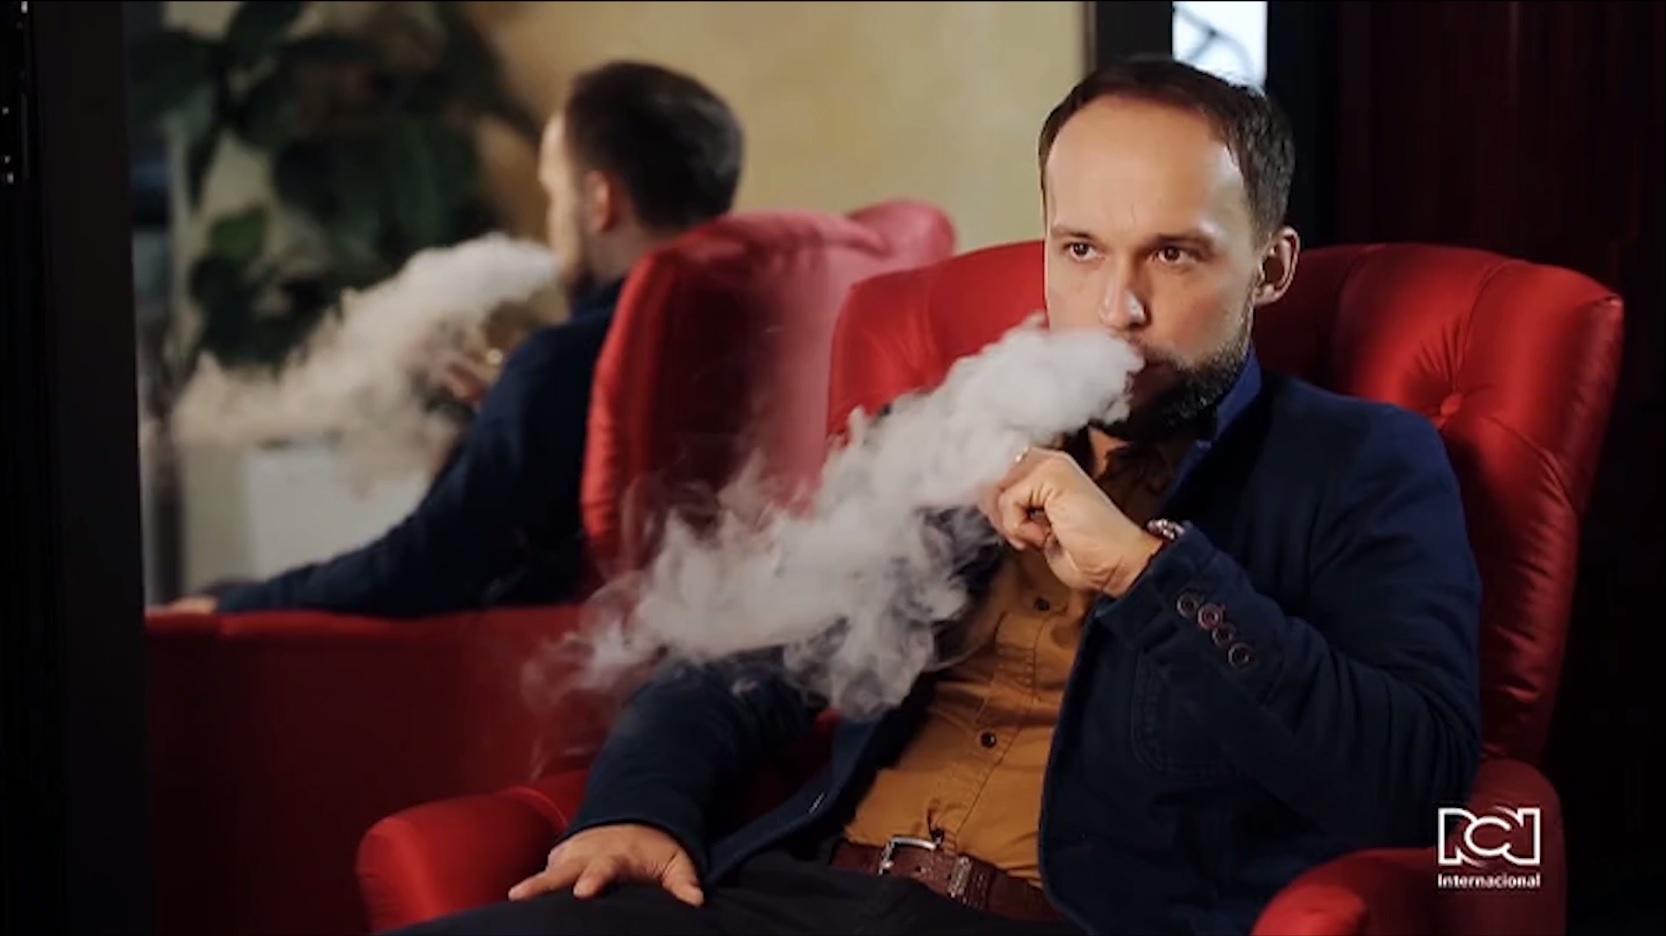 ¿Por qué hay controversia en los Estados Unidos con el uso de cigarrillos electrónicos?